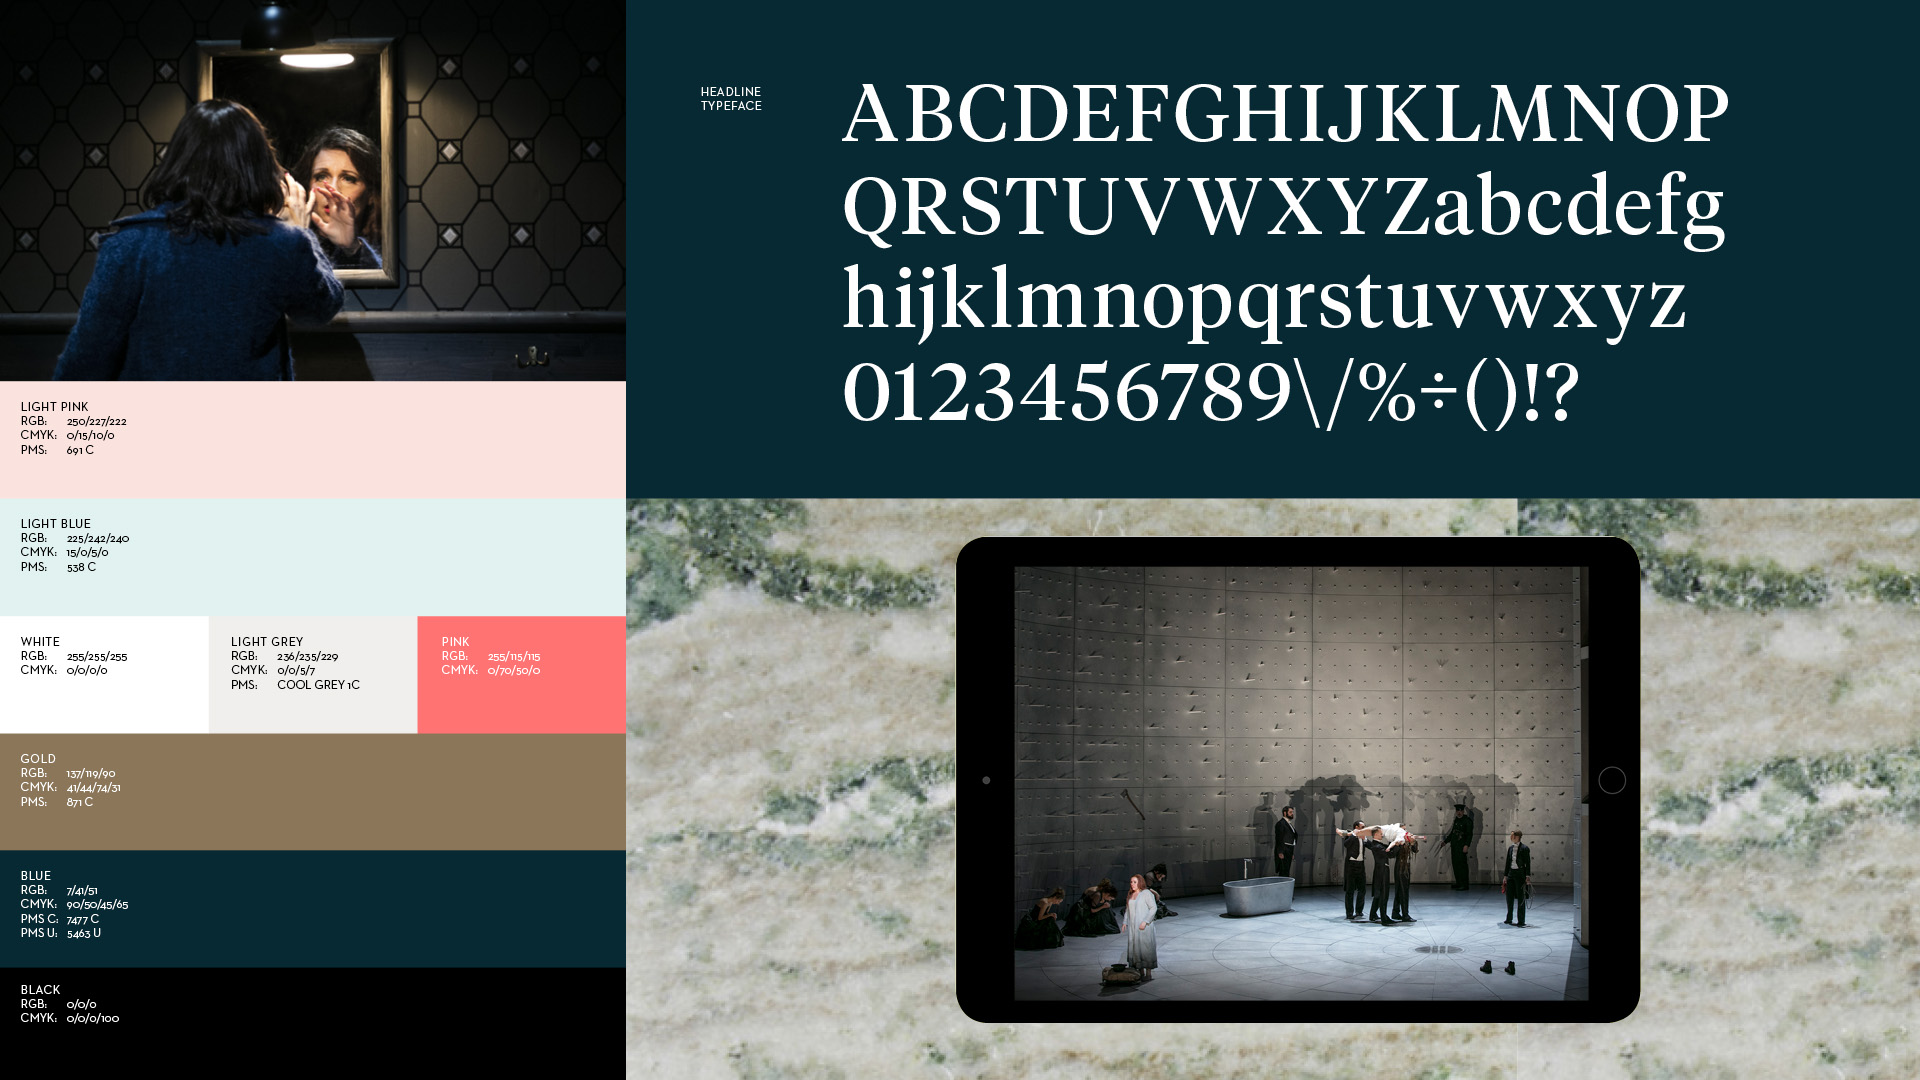 Pressbilder2.jpg